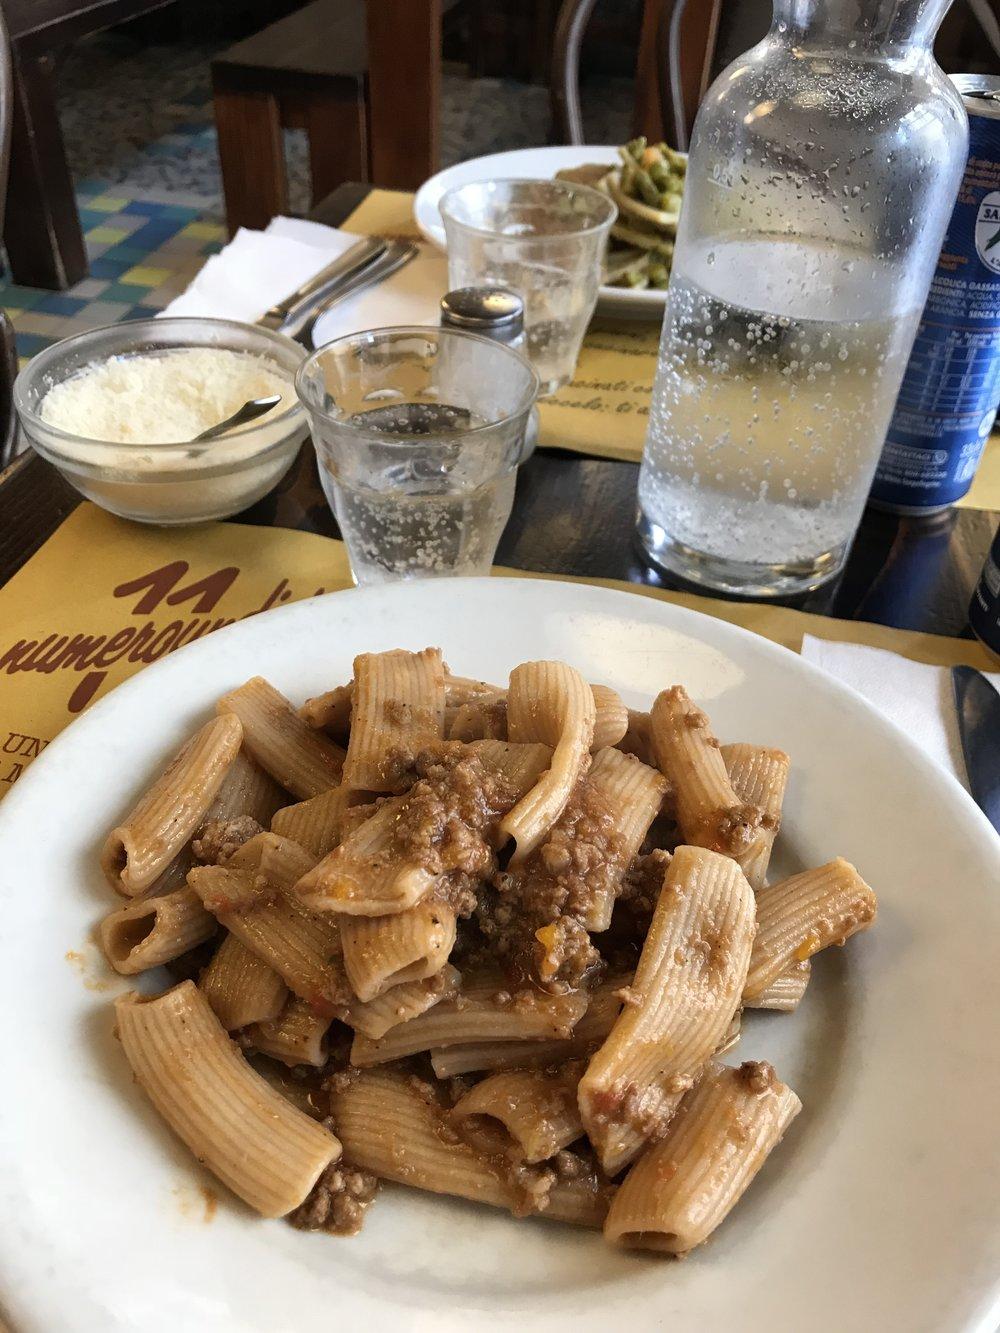 Fresh pasta ragu at Numeroundici in Pisa